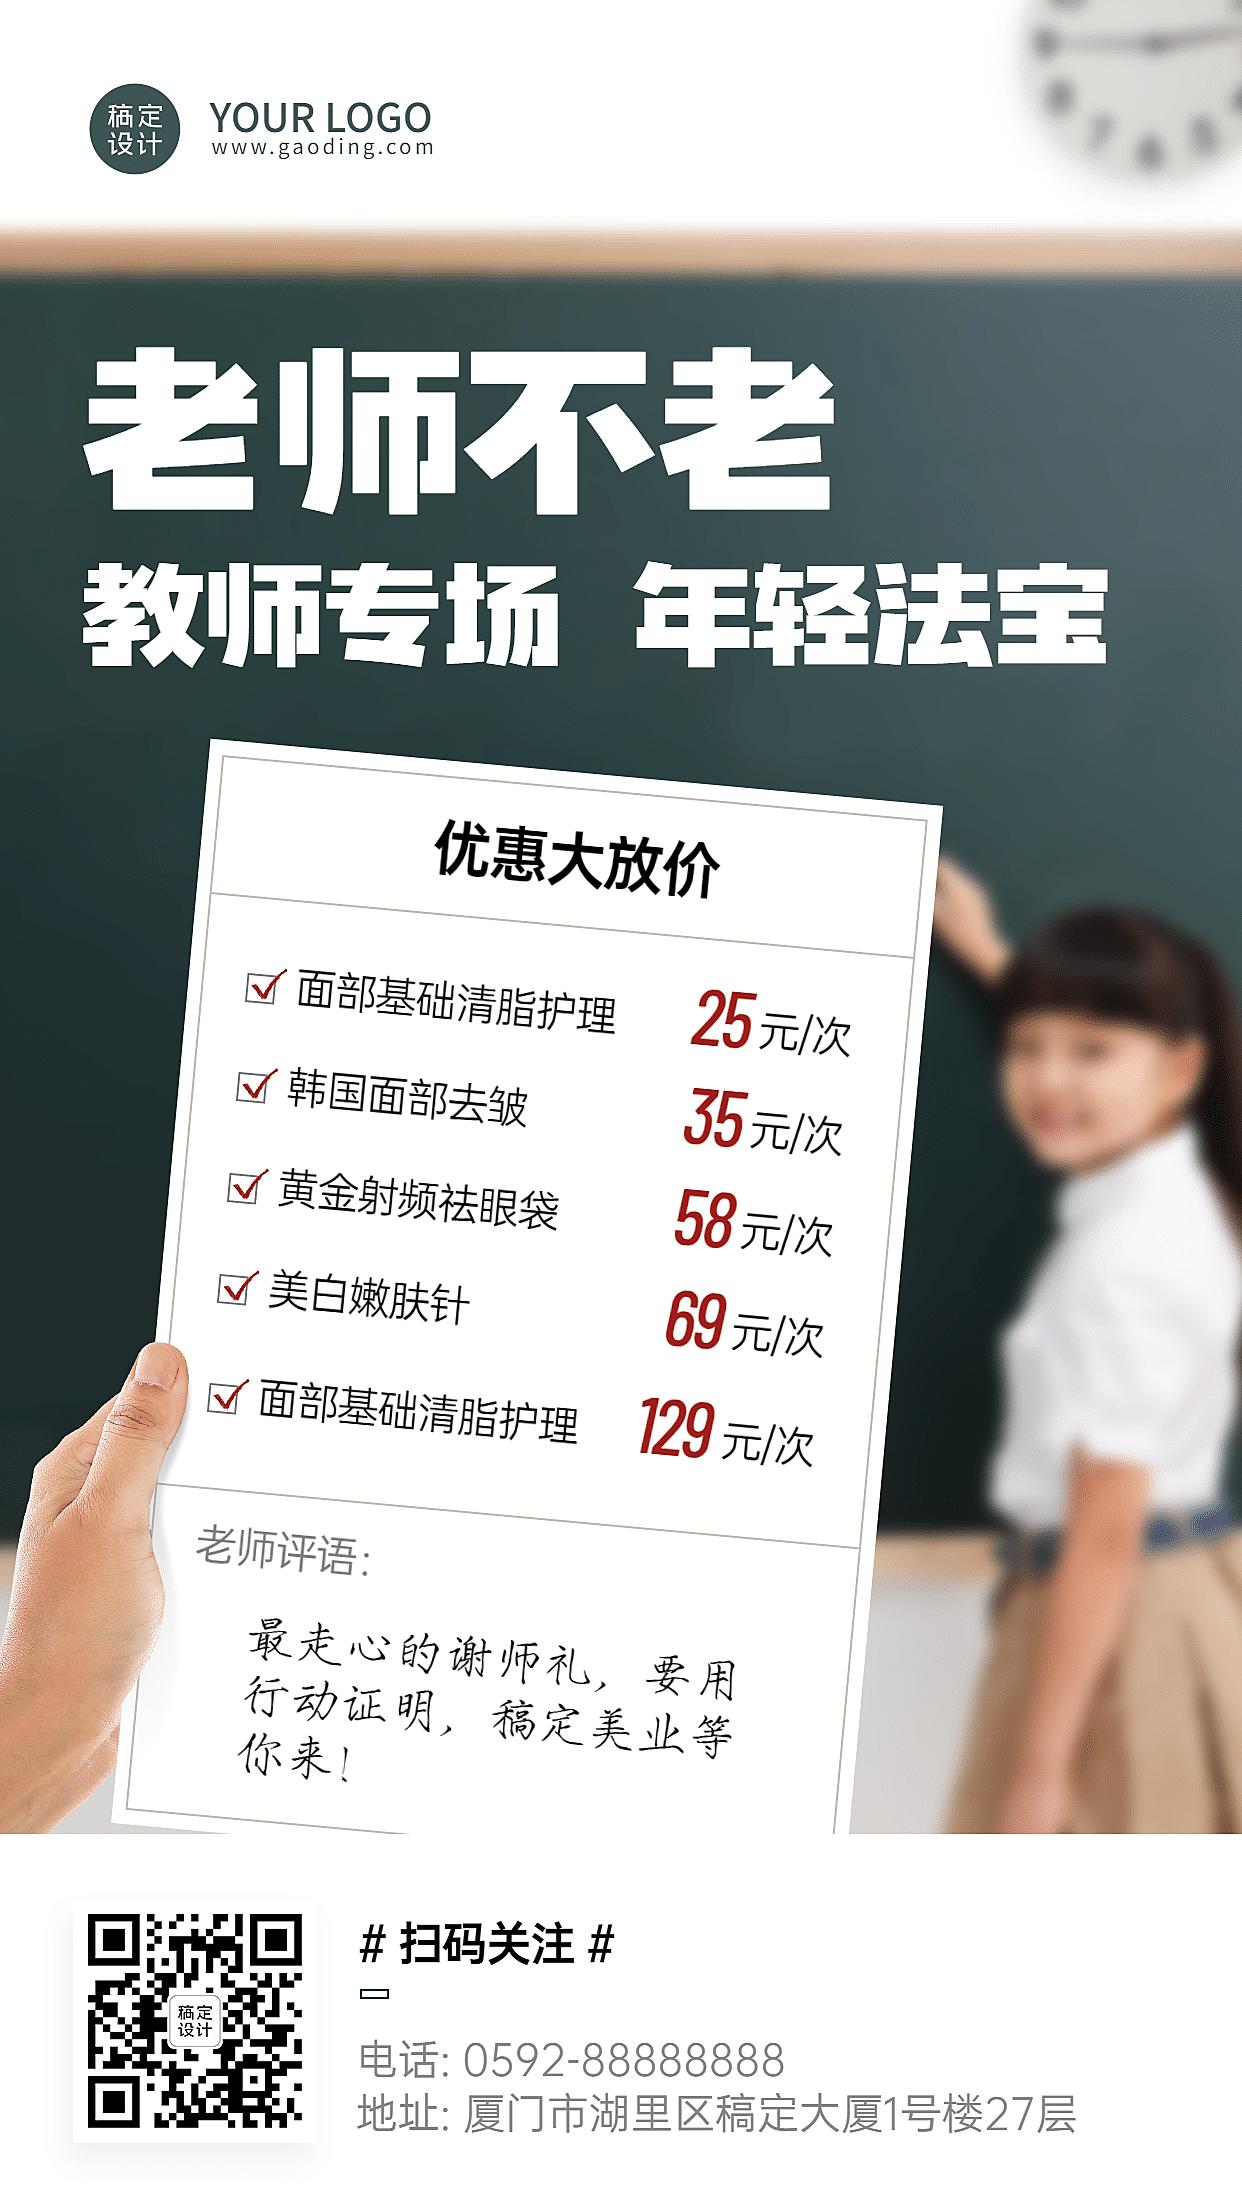 实景合成教师节节日营销线上价目表